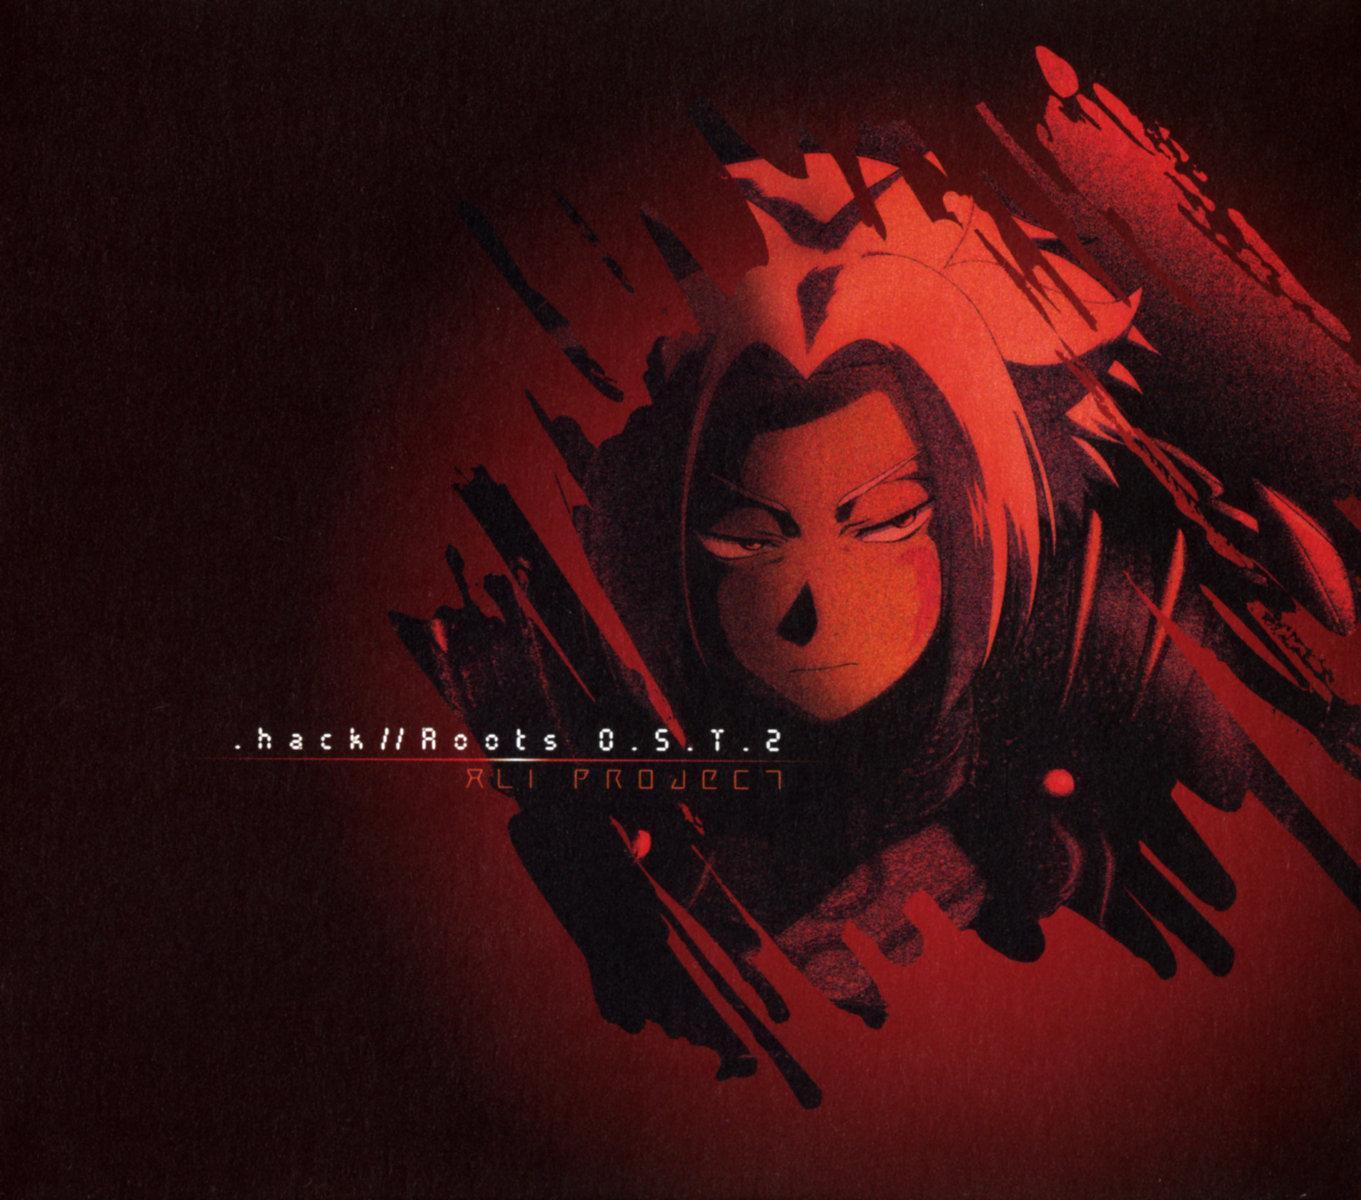 http://2.bp.blogspot.com/-BIfpfY83aOQ/Tgf0Ua0Hr-I/AAAAAAAABUU/ydUSZlPDl_E/s1600/big-hackroots-ost-2.jpg